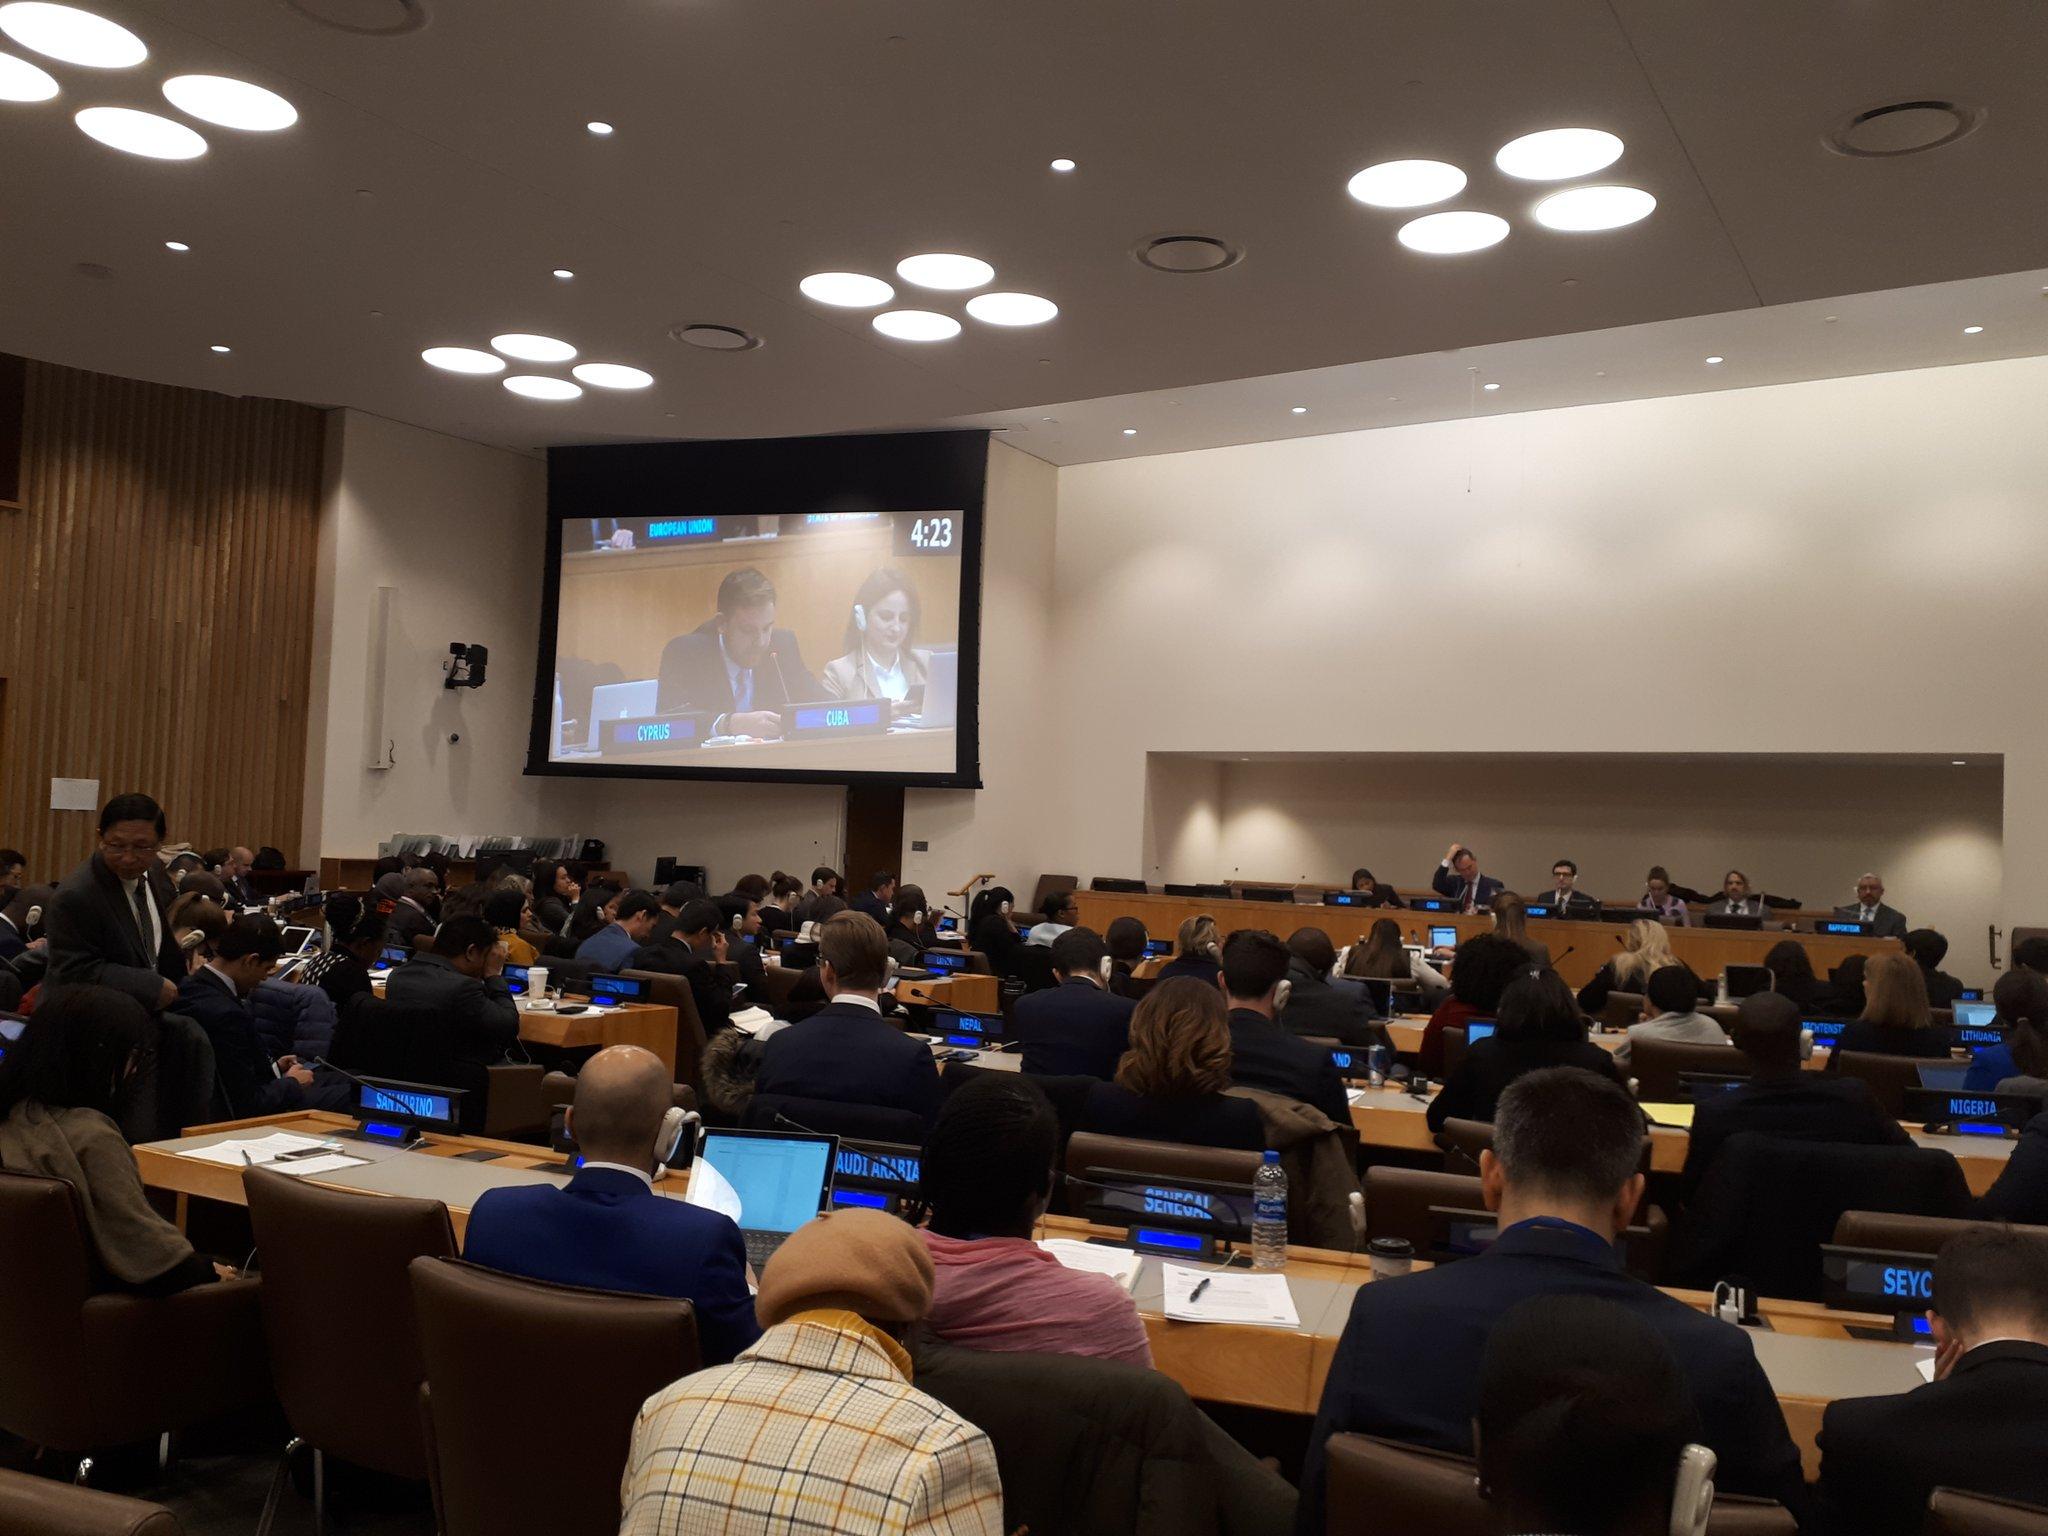 МИД: дипломат РФ угрожал членам ООН при принятии резолюции по Крыму